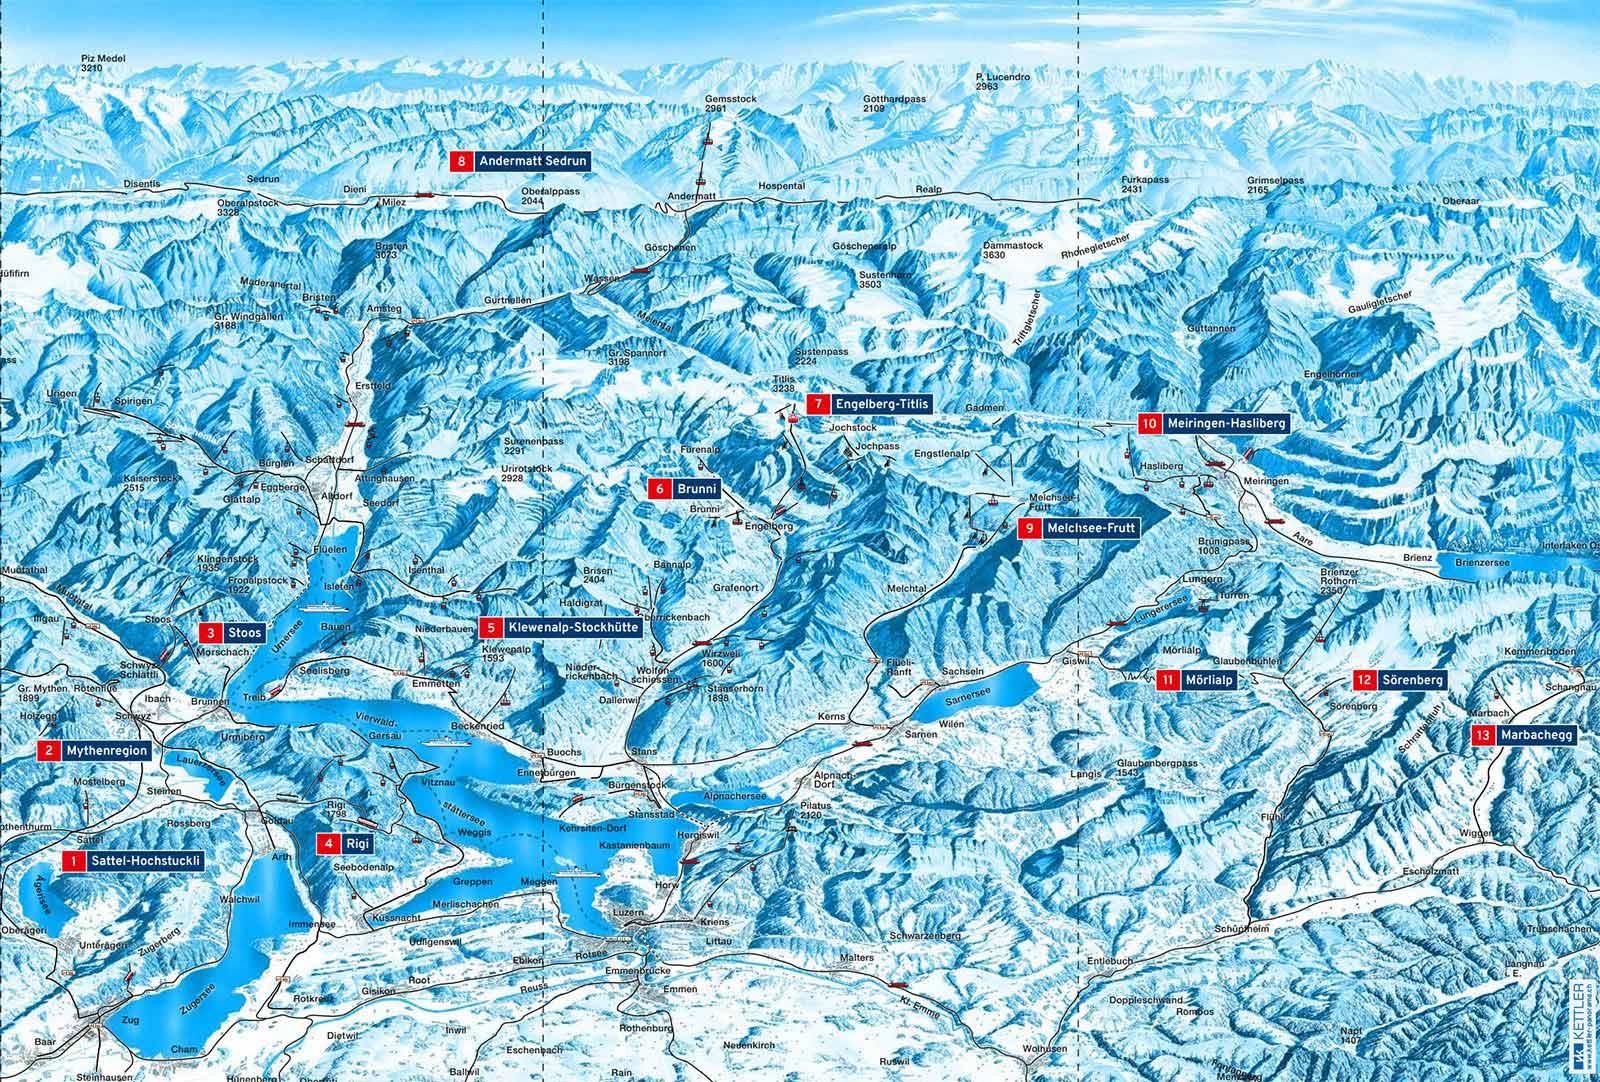 schneepass_zentralschweiz_Skigebiete_uebersicht_Saisonkarte_2021-2022